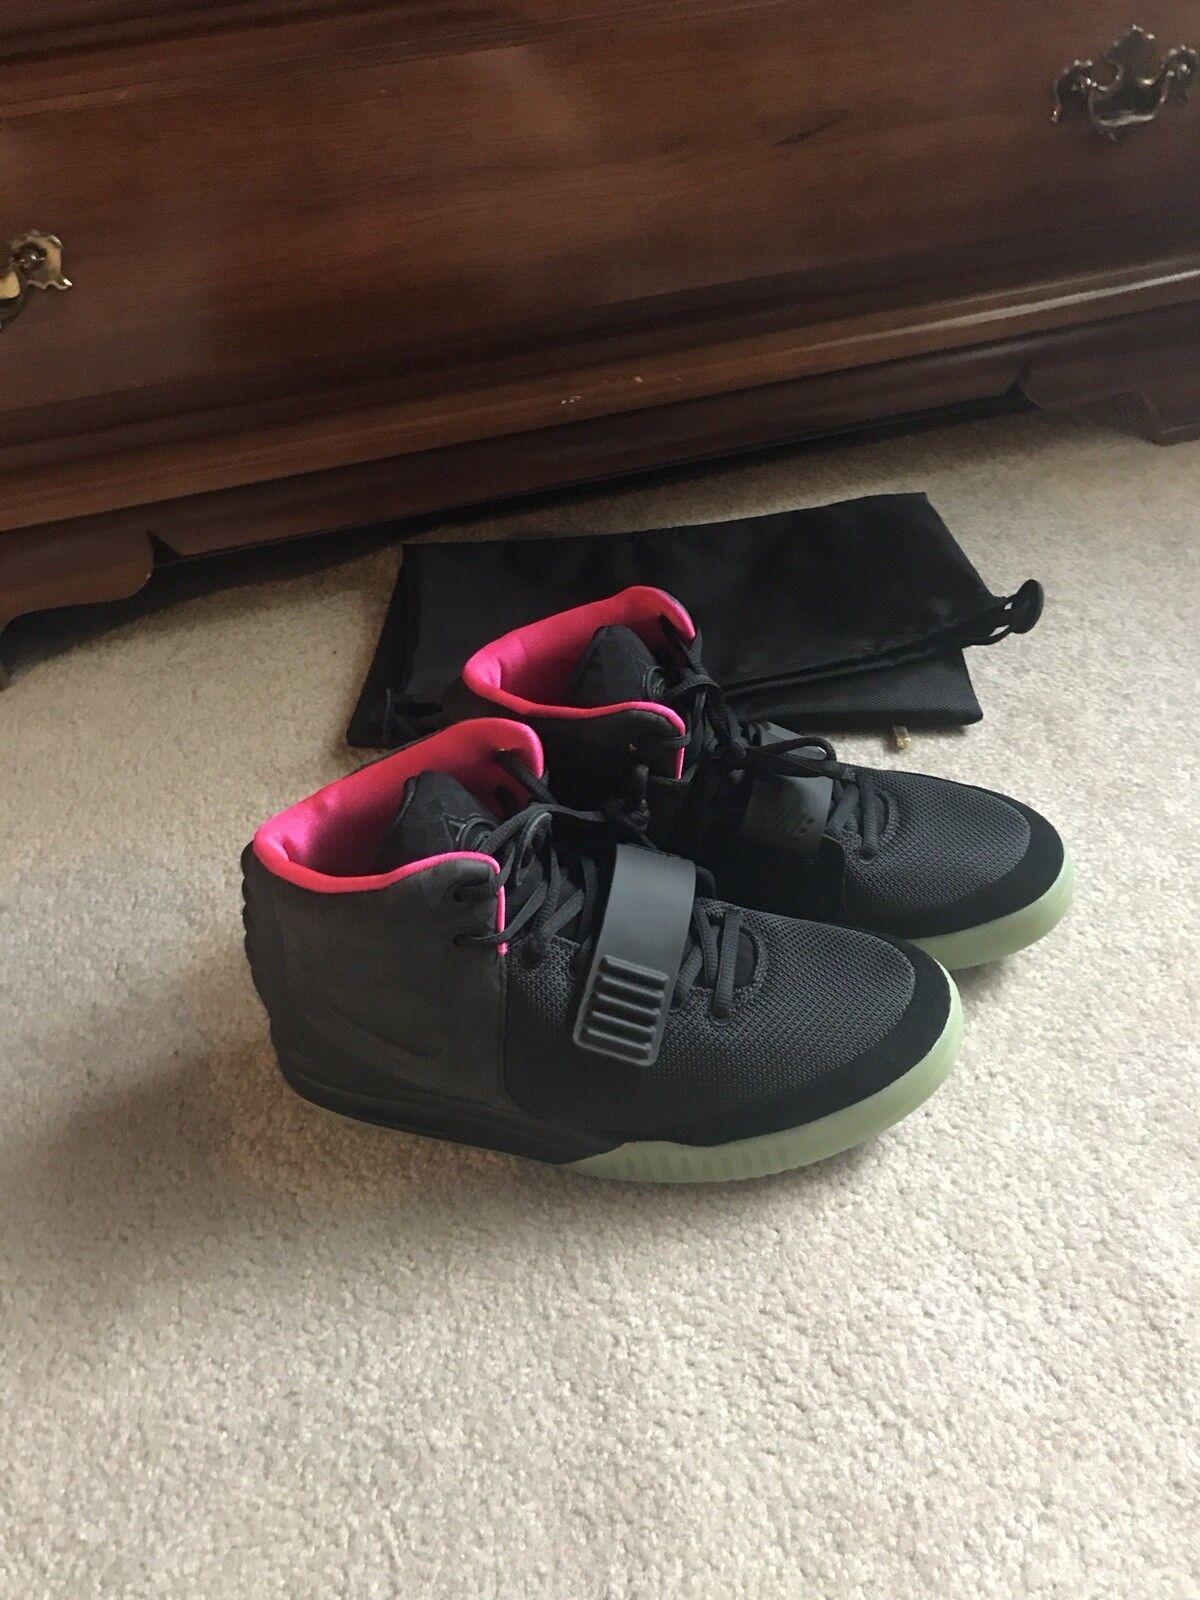 Nike yeezy - 2 solare red sz - yeezy 9 500efb